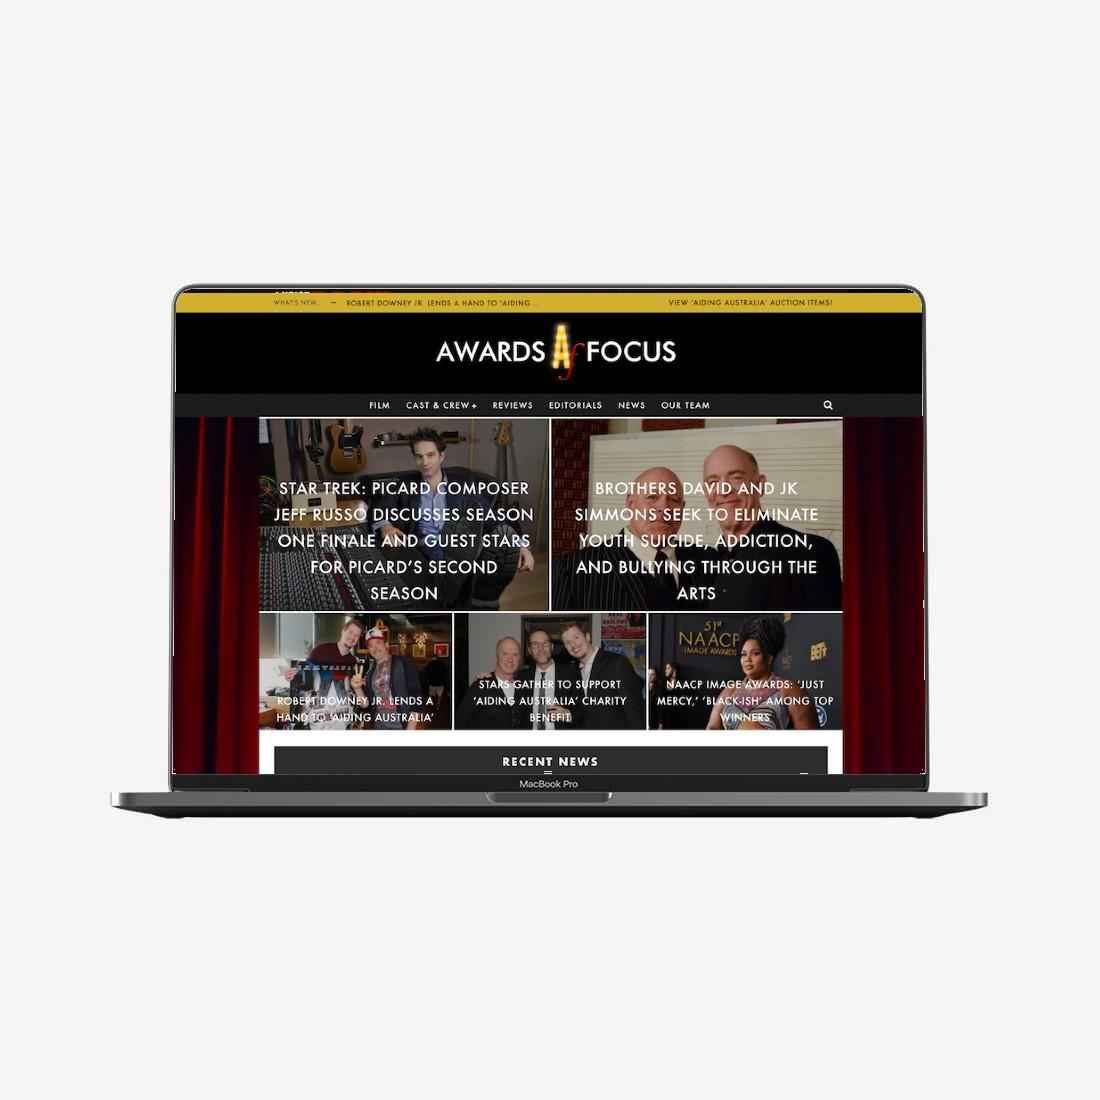 AwardsFocus.com